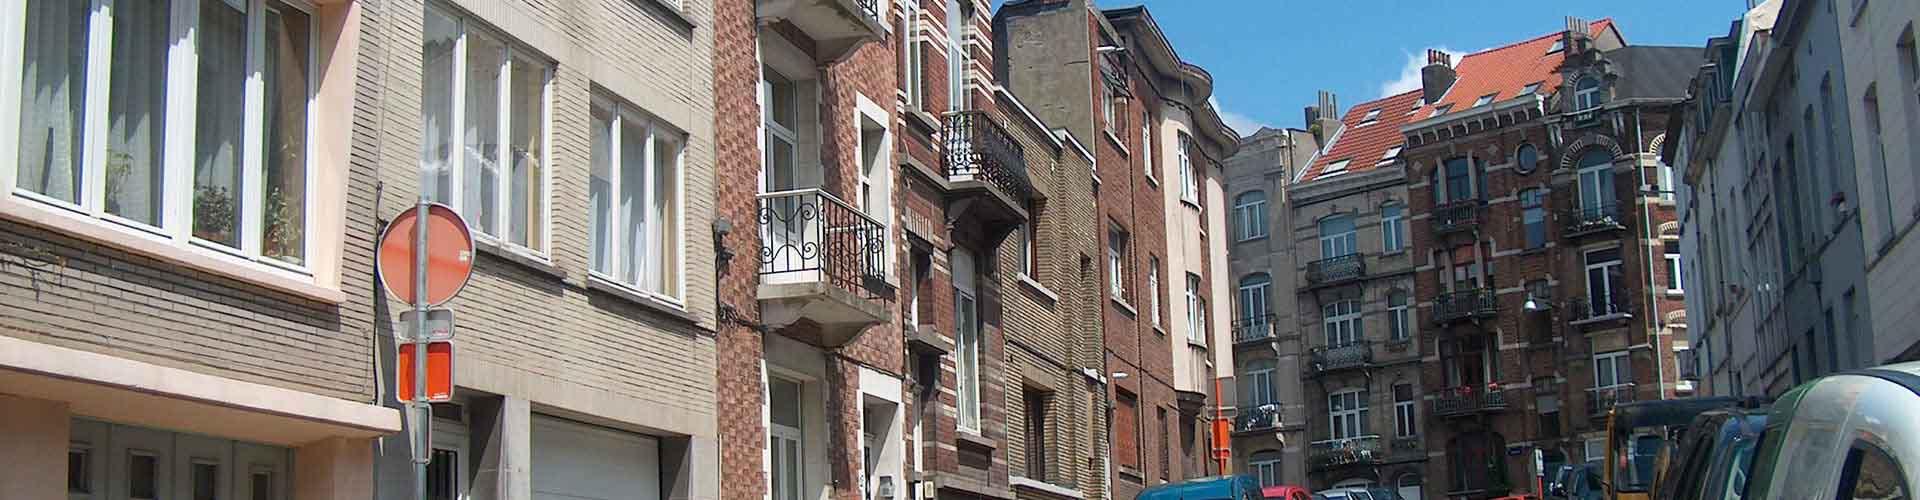 Bruxelles - Chambres pas chères dans le quartier de Saint-Josse-ten-Noode. Cartes pour Bruxelles, photos et commentaires pour chaque chambre à Bruxelles.